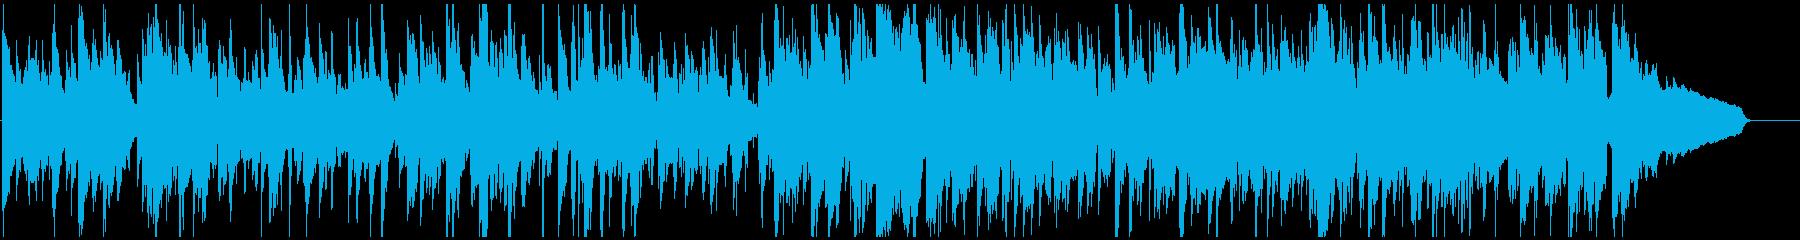 流れるような雰囲気の綺麗系ジャズ・ワルツの再生済みの波形